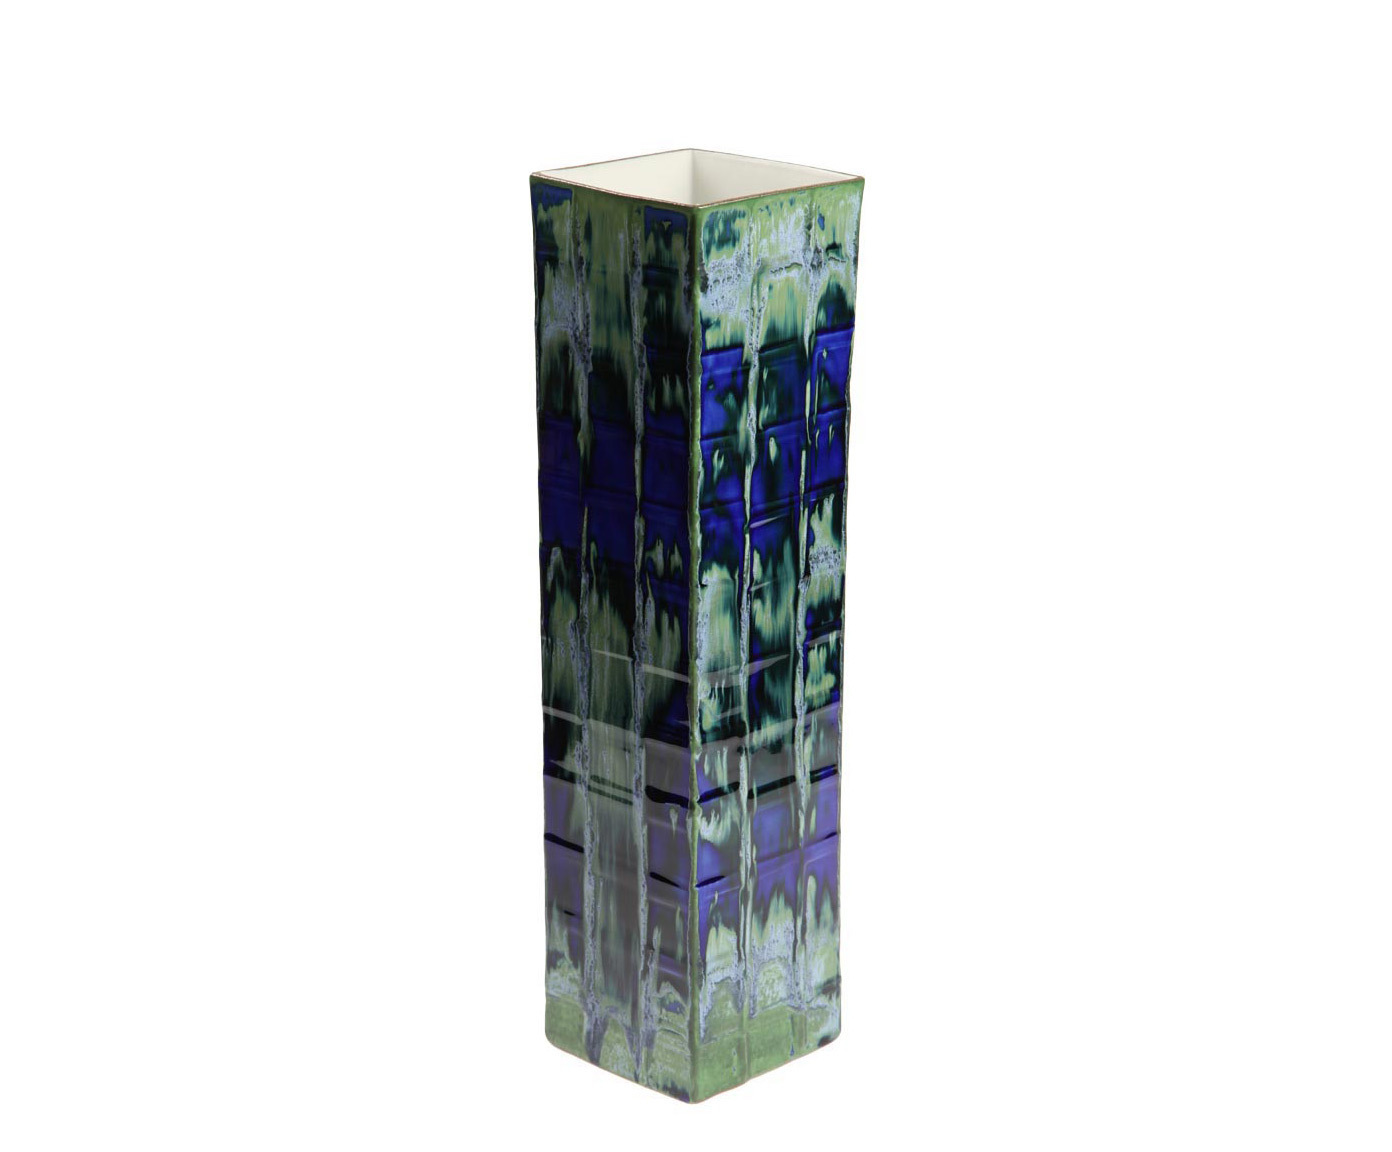 Вазы настольные Элитная ваза декоративная Skyscraper высокая от S. Bernardo vaza-dekorativnaya-skyscraper-ot-s-bernardo-iz-portugalii.jpg